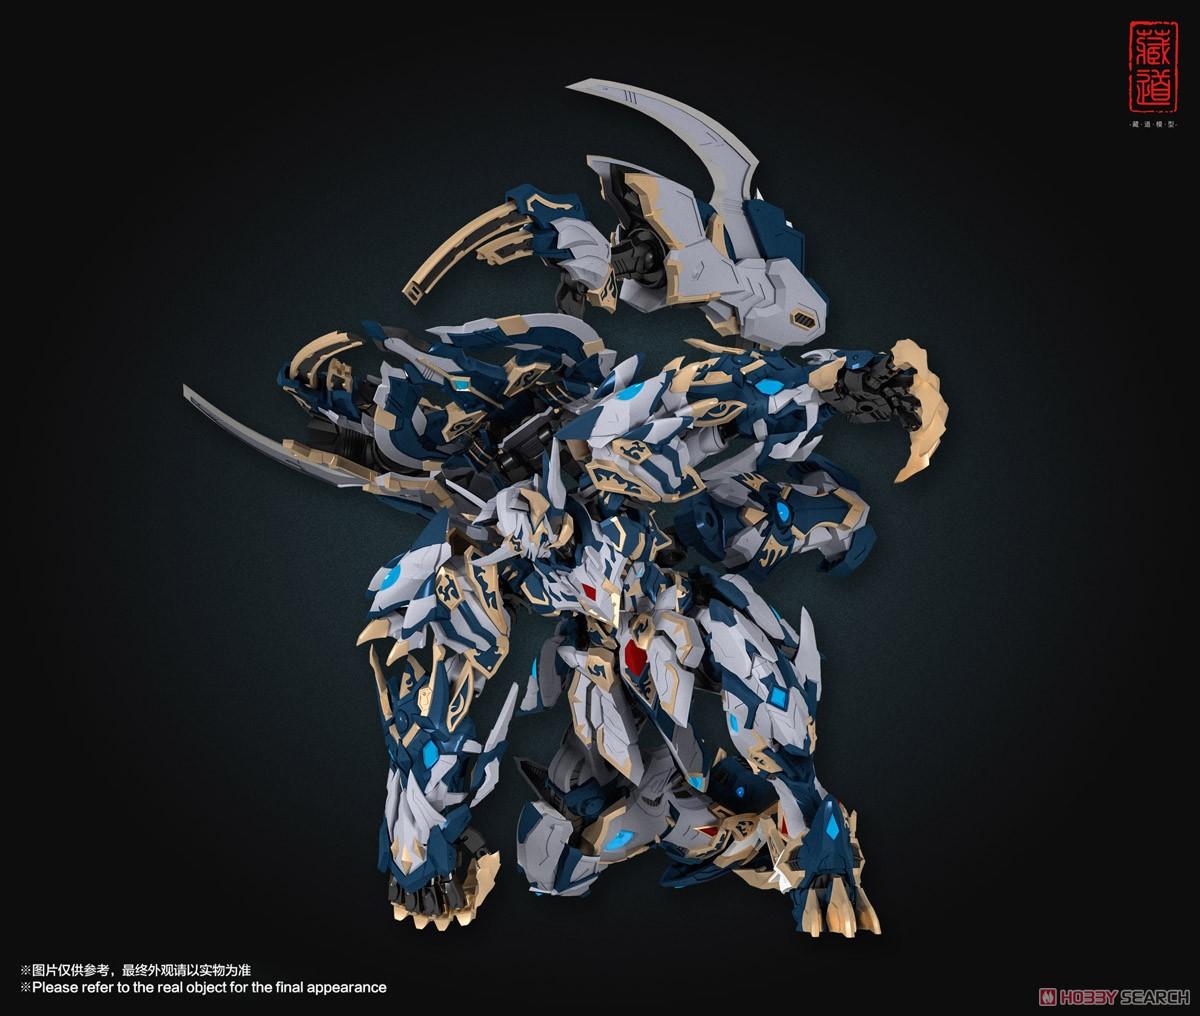 『CD-02 四聖獣 白虎』合金可動フィギュア-002